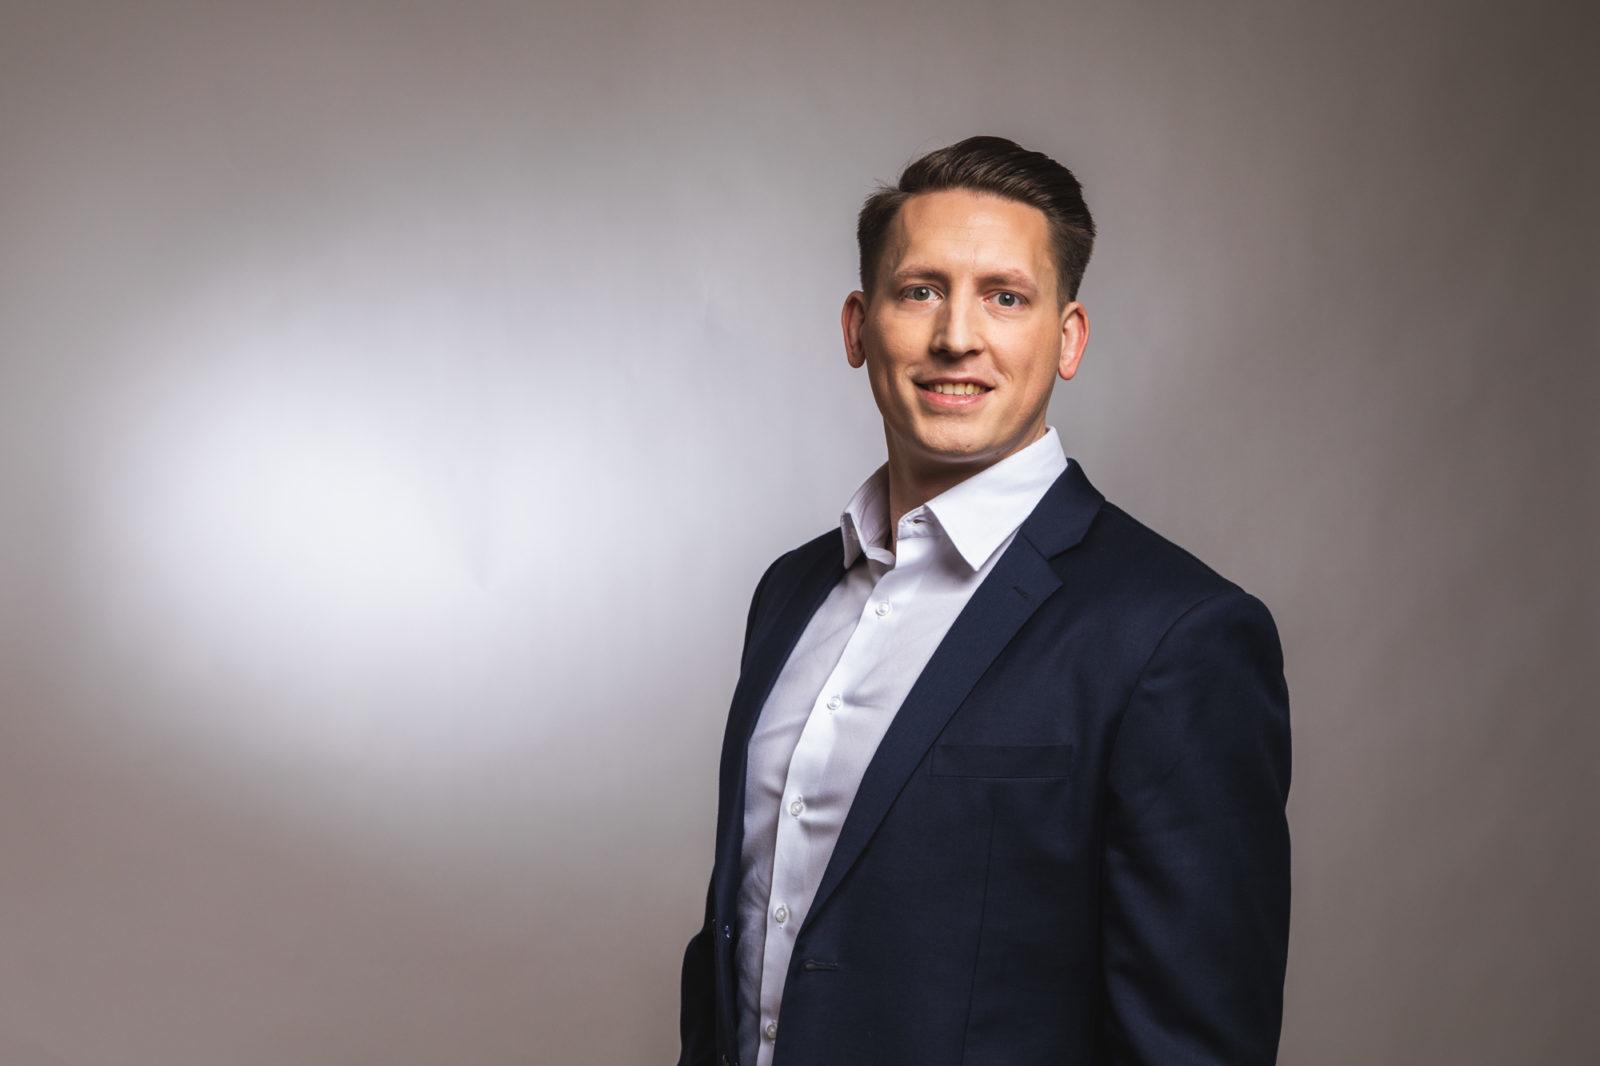 Philipp Ambros